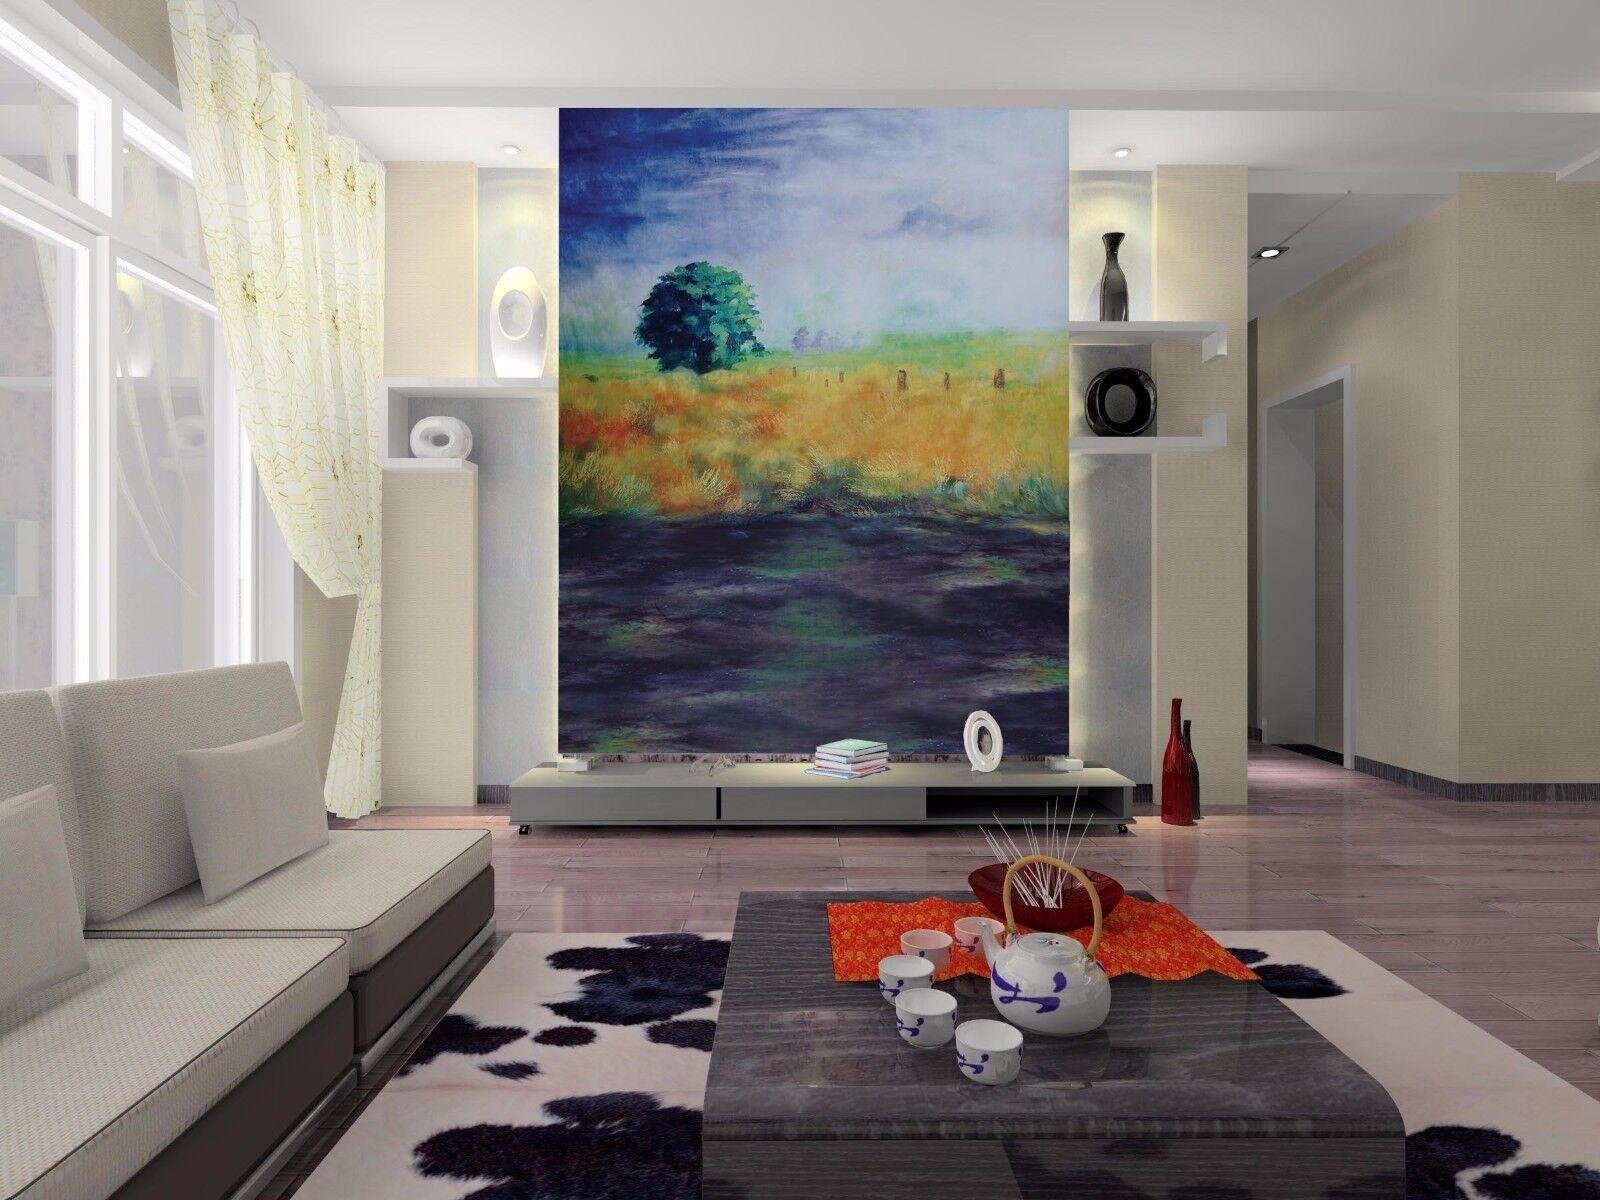 3D Wild Pastoral 89 Tapete Wandgemälde Tapete Tapeten Bild Familie DE Summer | Verrückter Preis, Birmingham  | Neueste Technologie  | Schönes Aussehen